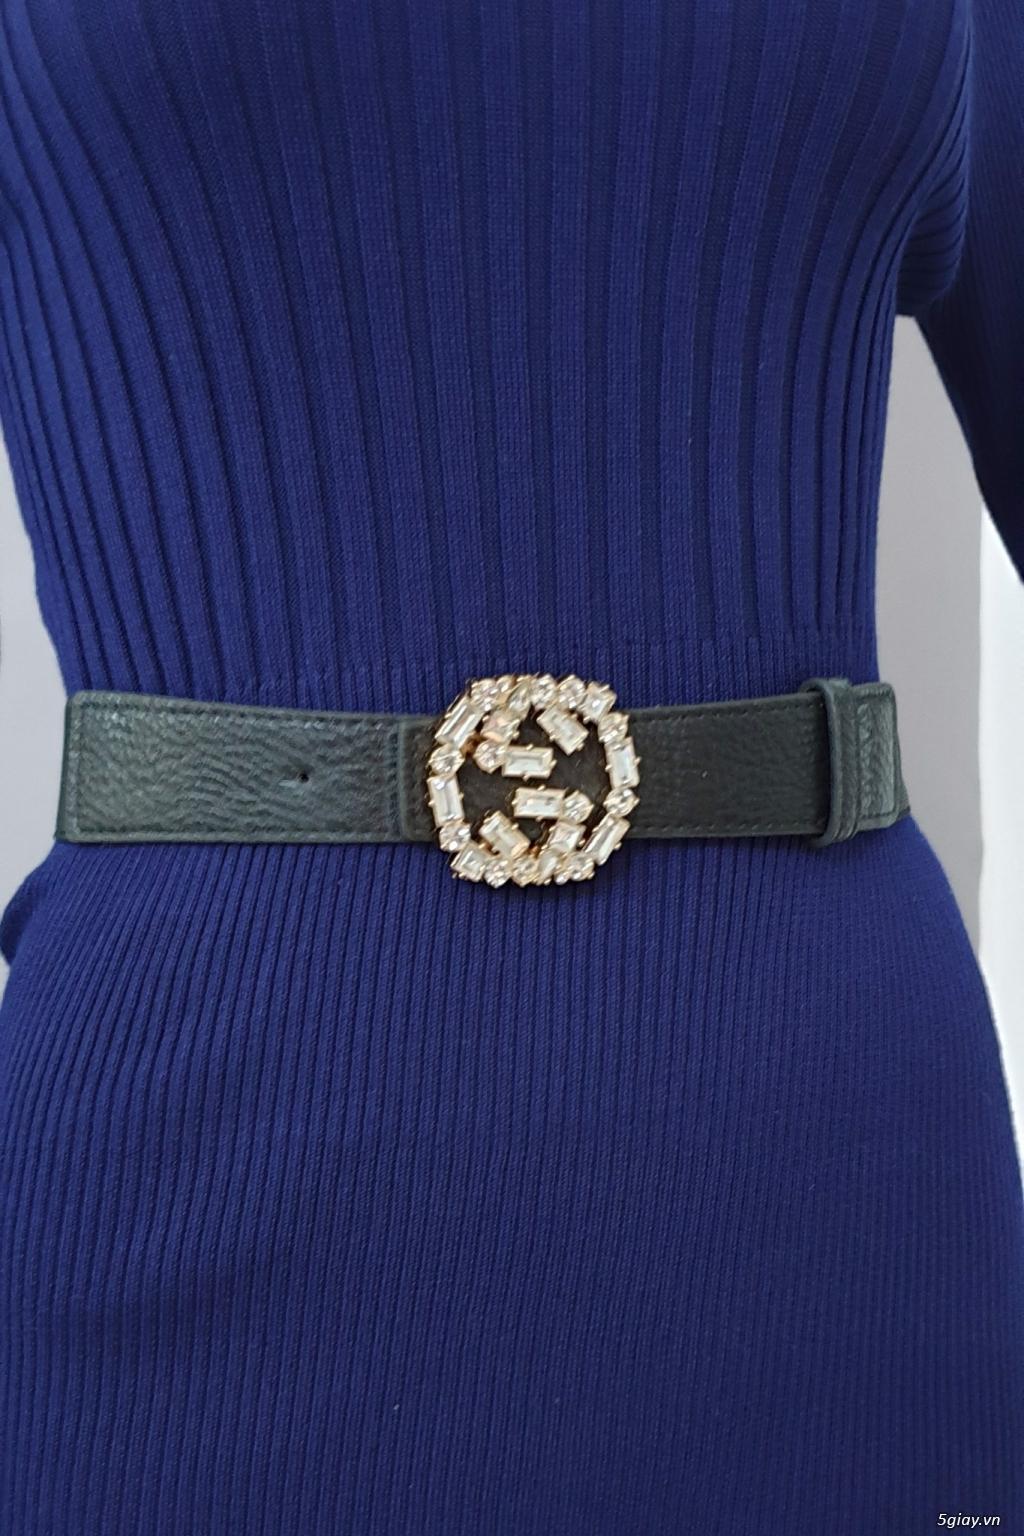 Wal House Fashion - Dây nịt, cài áo, vòng tay, mắt kiếng....... - 6